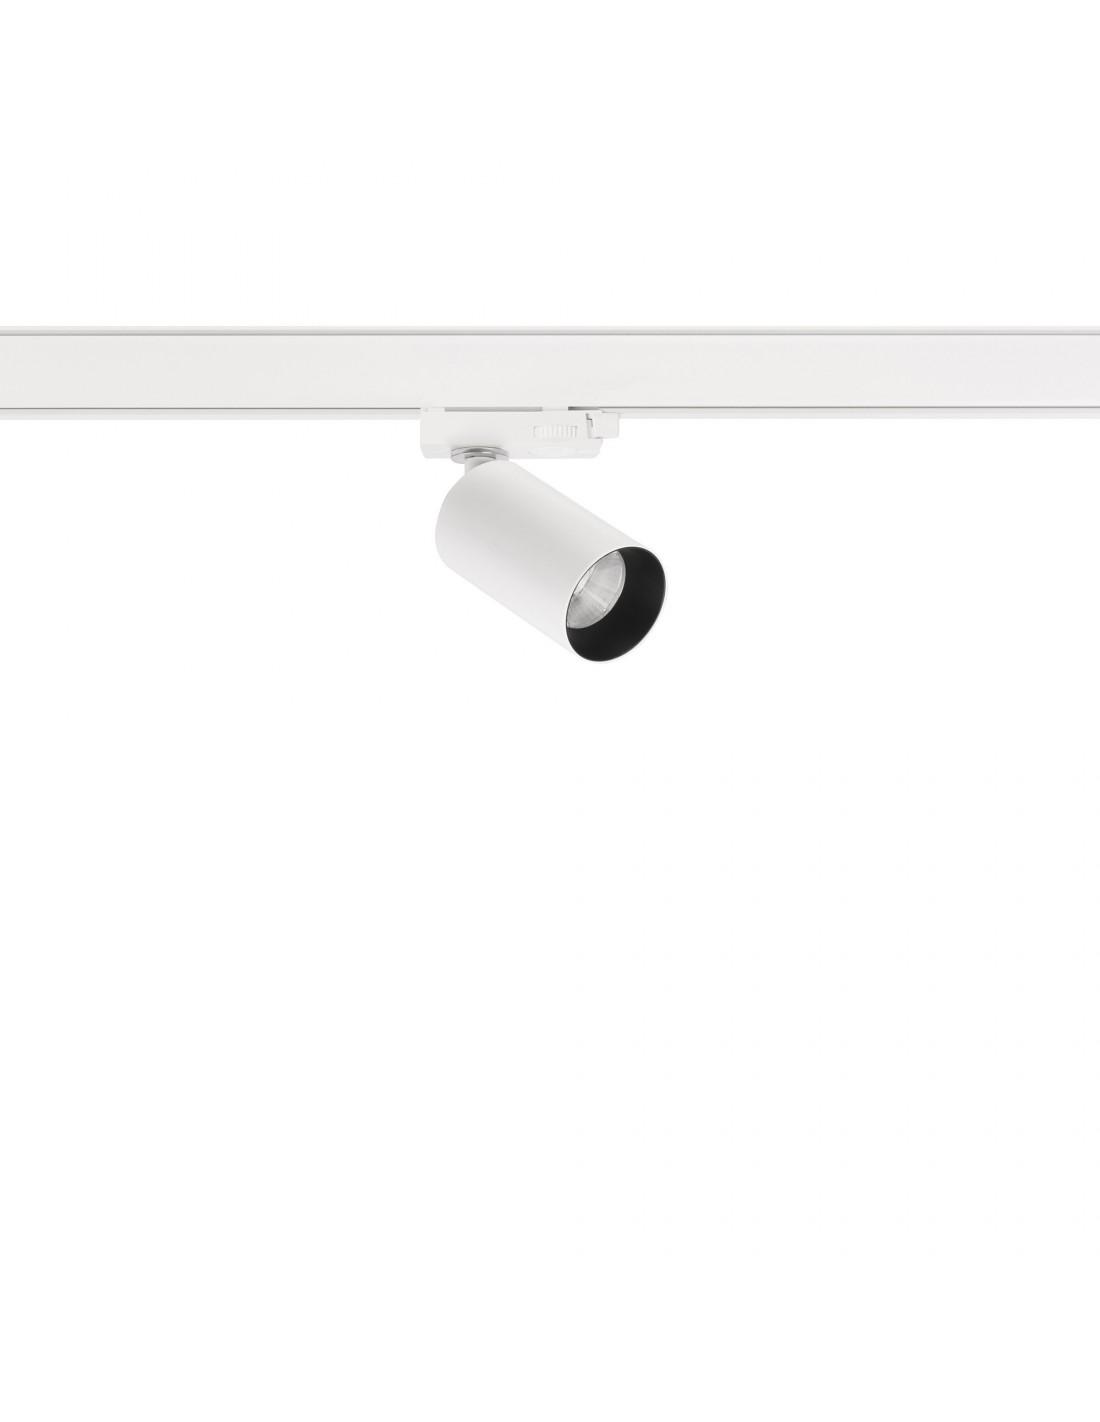 Ventilateur de plafond garbi leds c4 - Ventilateur de plafond avec luminaire ...